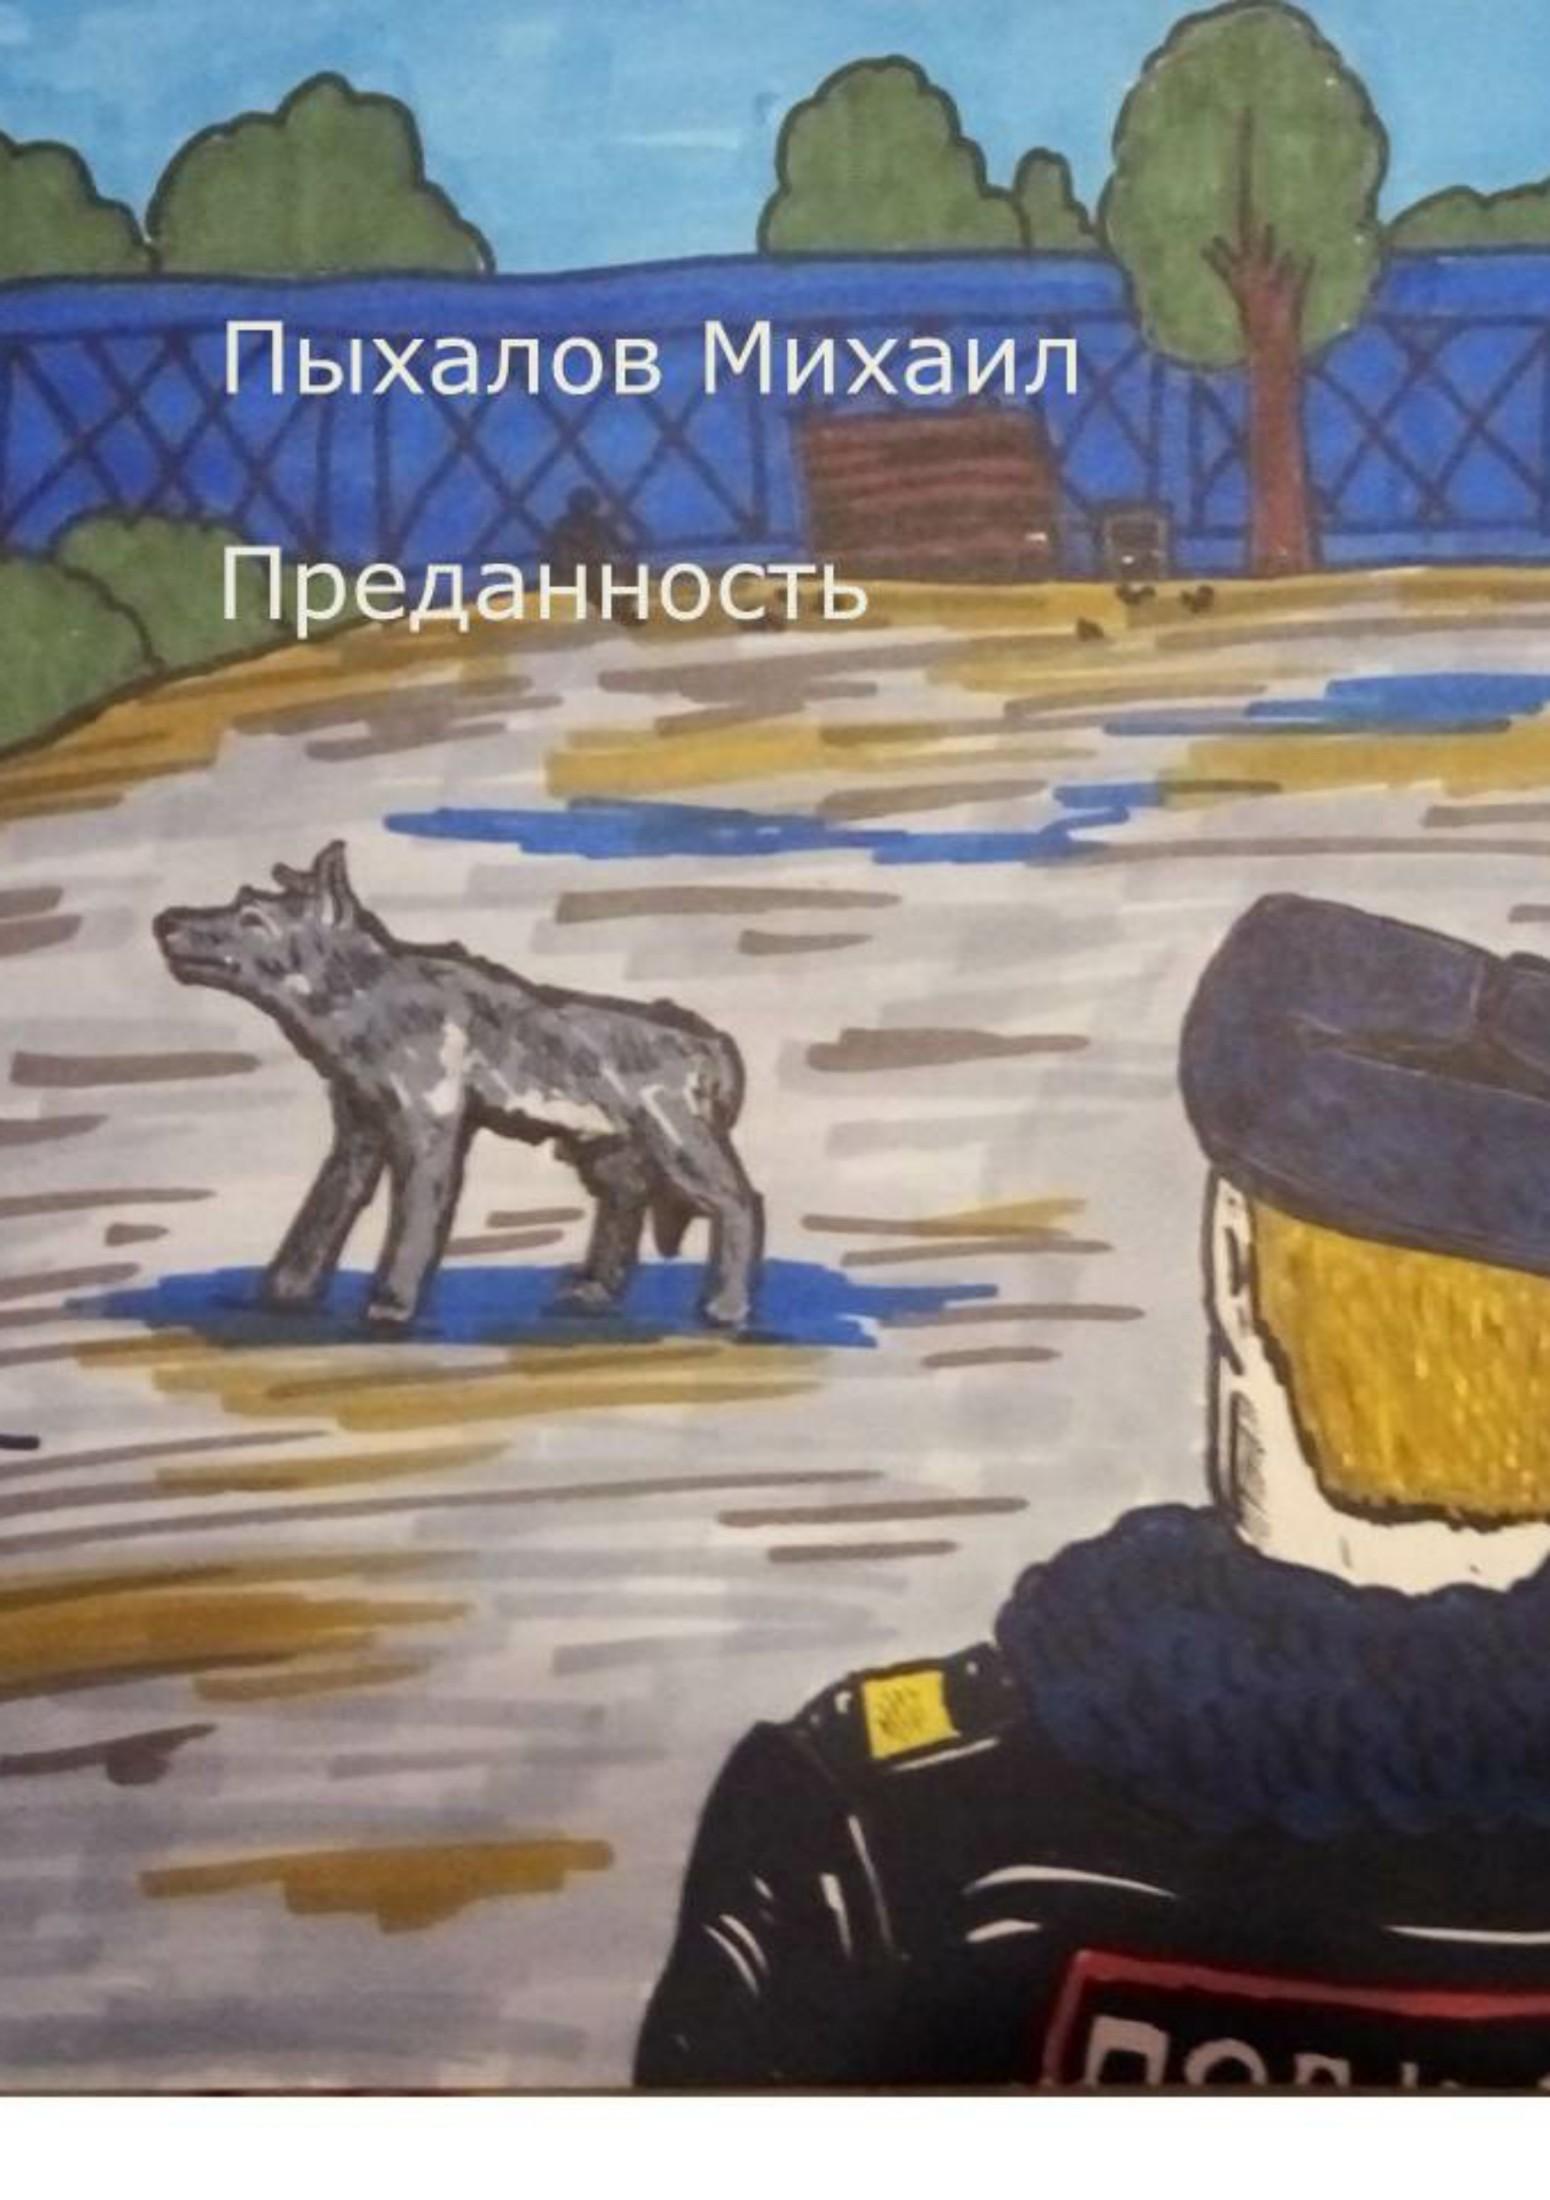 Михаил Пыхалов Преданность аркадий степной верой и правдой